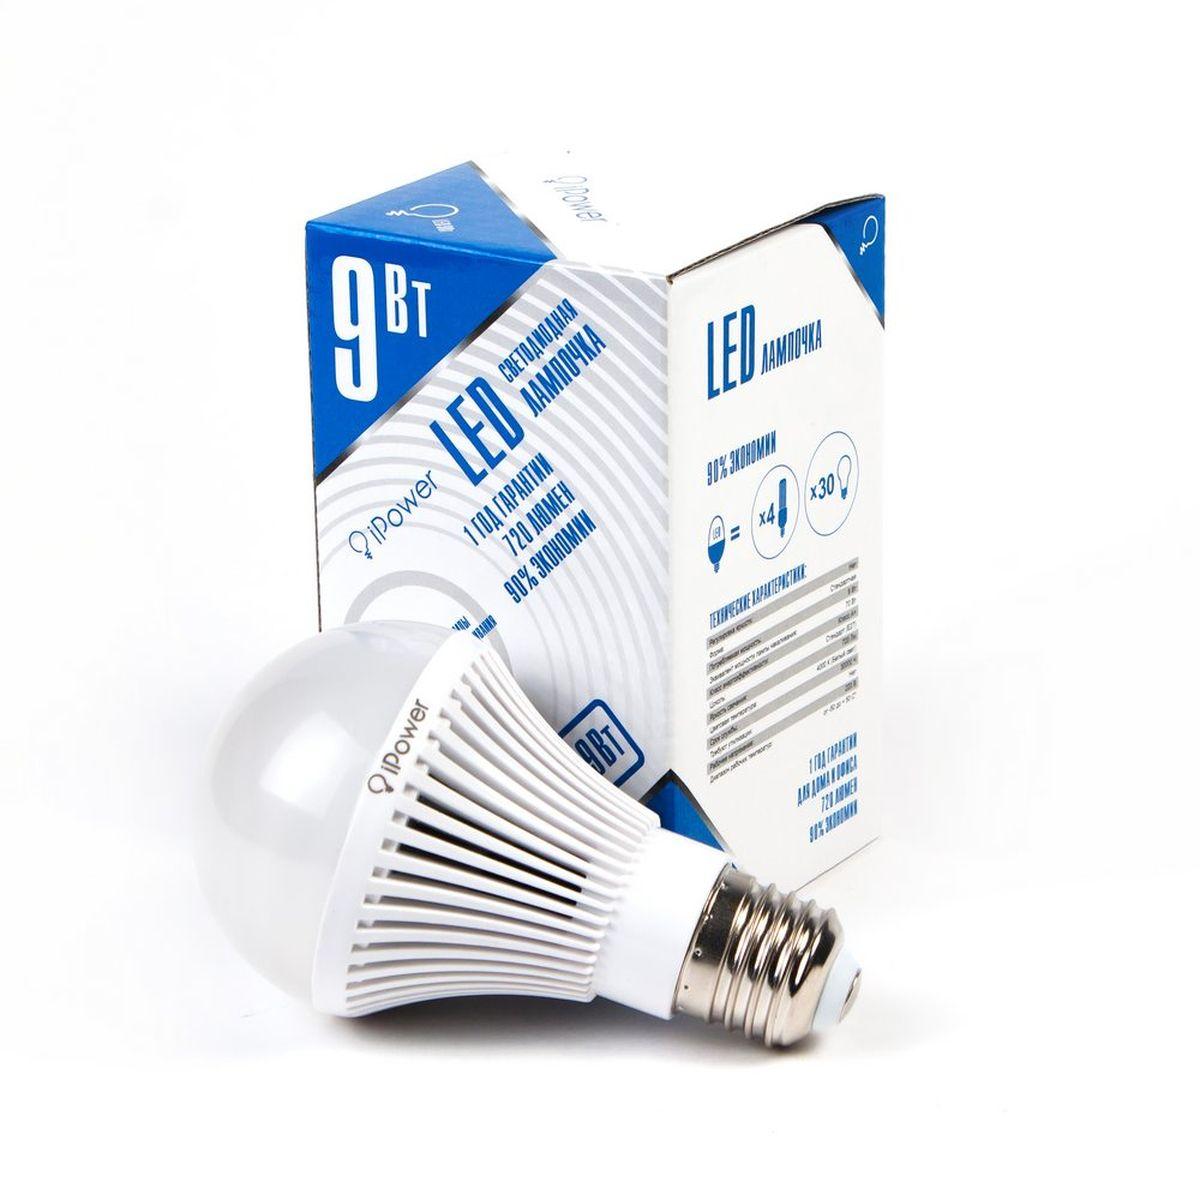 Лампа светодиодная iPower, цоколь Е27, 9W, 4000КRSP-202SСветодиодная лампа iPower имеет очень низкое энергопотребление. В сравнении с лампами накаливания LED потребляет в 12 разменьше электричества, а в сравнении с энергосберегающими - в 2-4 раза меньше. При этом срок службы LED лампочки в 5 раз выше, чемэнергосберегающей, и в 50 раз выше, чем у лампы накаливания. Светодиодная лампа iPower создает мягкий рассеивающий свет безмерцаний, что совершенно безопасно для глаз. Она специально разработана по требованиям российских и европейских законов и подходит ковсем осветительным устройствам, совместимым со стандартным цоколем E27. Использование светодиодов от мирового лидера Epistar - этозалог надежной и стабильной работы лампы. Нейтральный белый оттенок свечения идеально подойдёт для освещения, как офисов,образовательных и медицинских учреждений, так и кухни, гостиной.Диапазон рабочих температур: от -50°C до +50°С.Материал: поликарбонат.Потребляемая мощность: 9 Вт.Рабочее напряжение: 220В.Световая температура: 4000К (белый свет).Срок службы: 30000 часов.Форма: стандарт.Цоколь: стандарт (E27).Эквивалент мощности лампы накаливания: 70 Вт.Яркость свечения: 720 Лм.